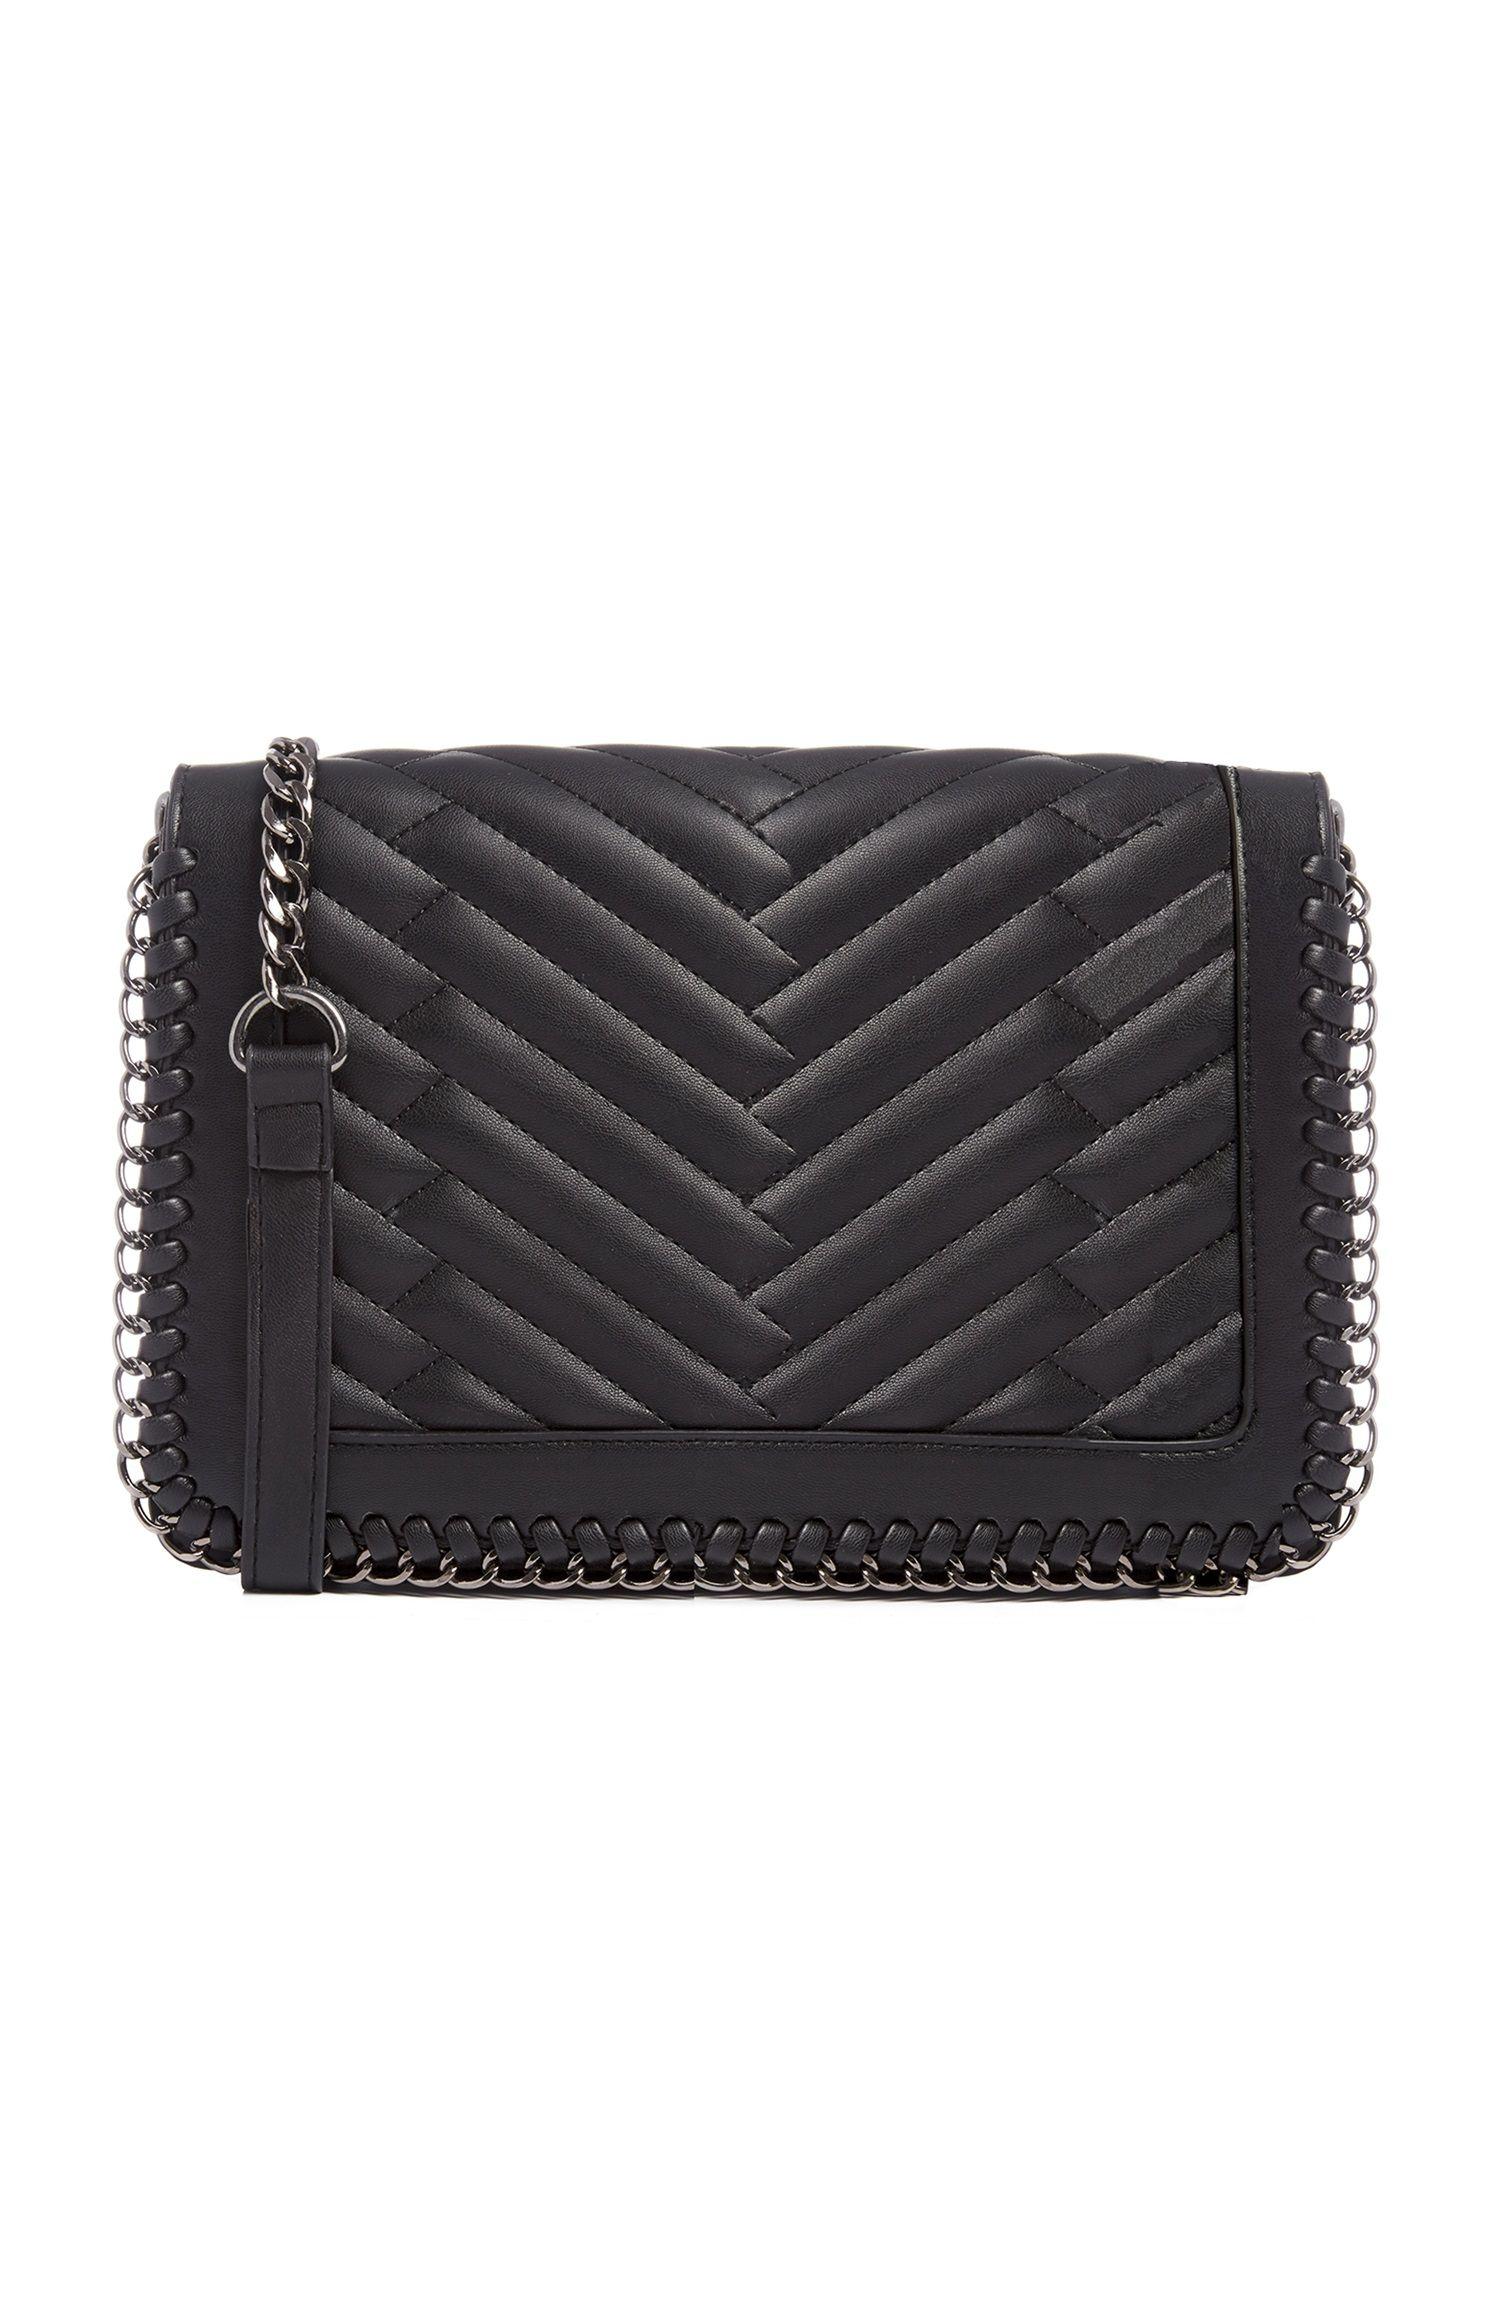 9975ff43e2b Primark - Black Woven Chain Bag